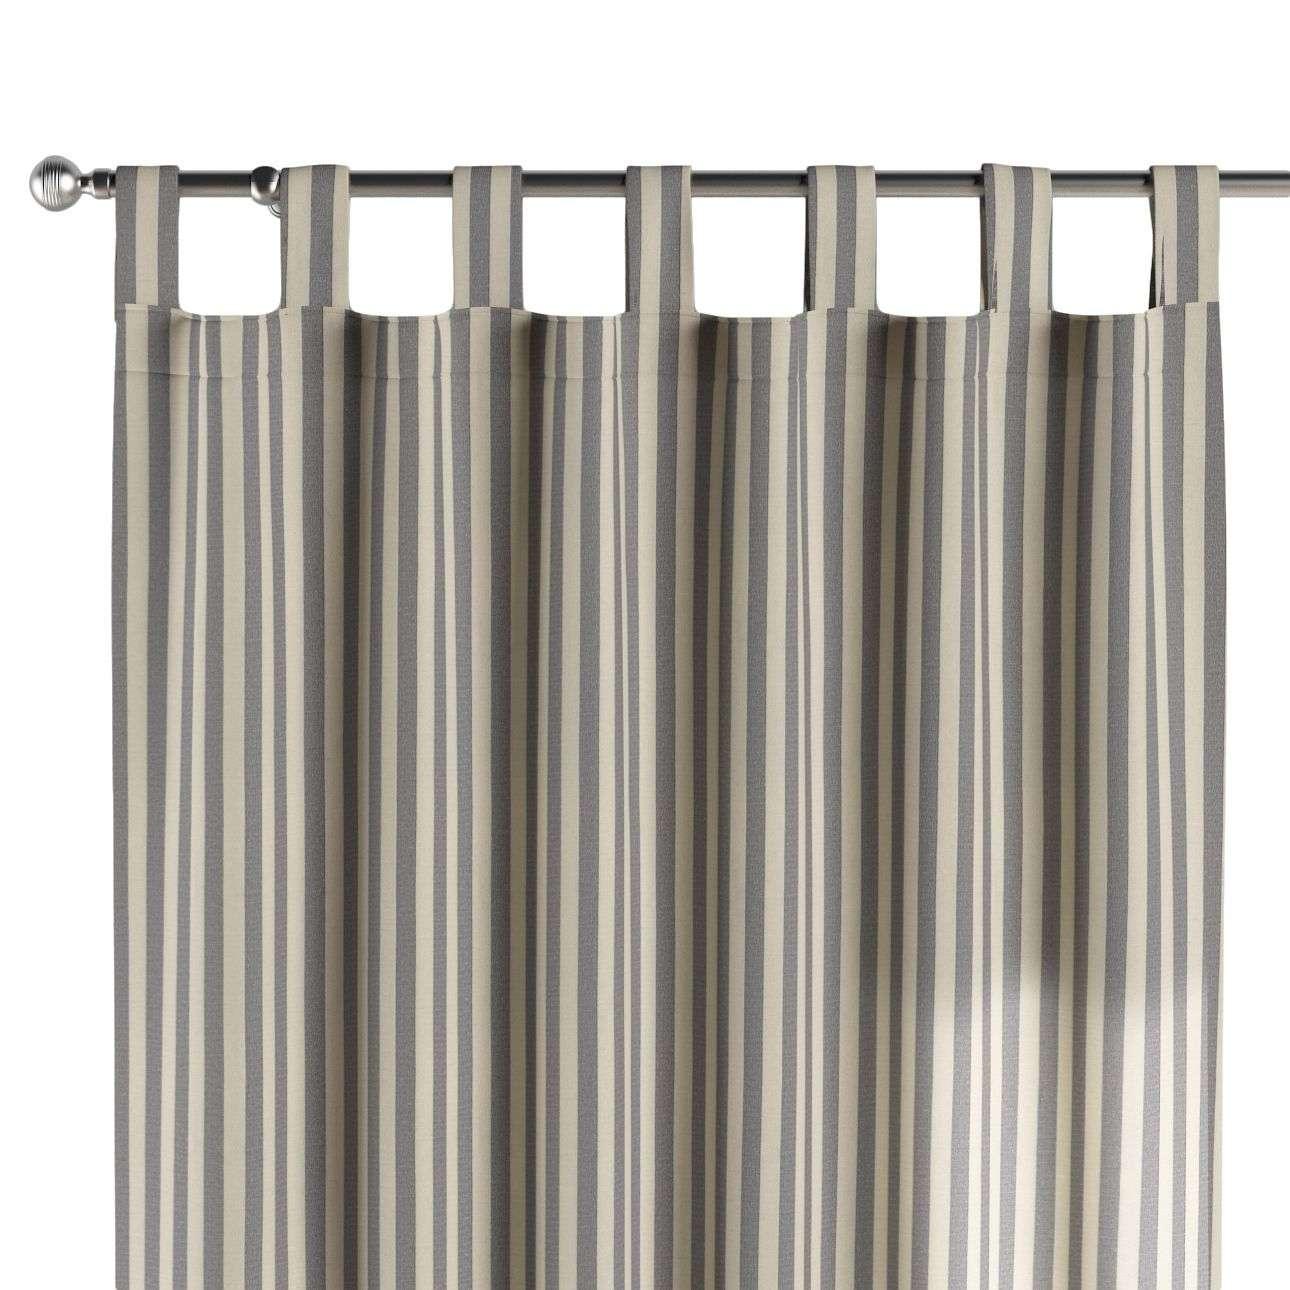 Kilpinio klostavimo užuolaidos 130 x 260 cm (plotis x ilgis) kolekcijoje Quadro, audinys: 136-02